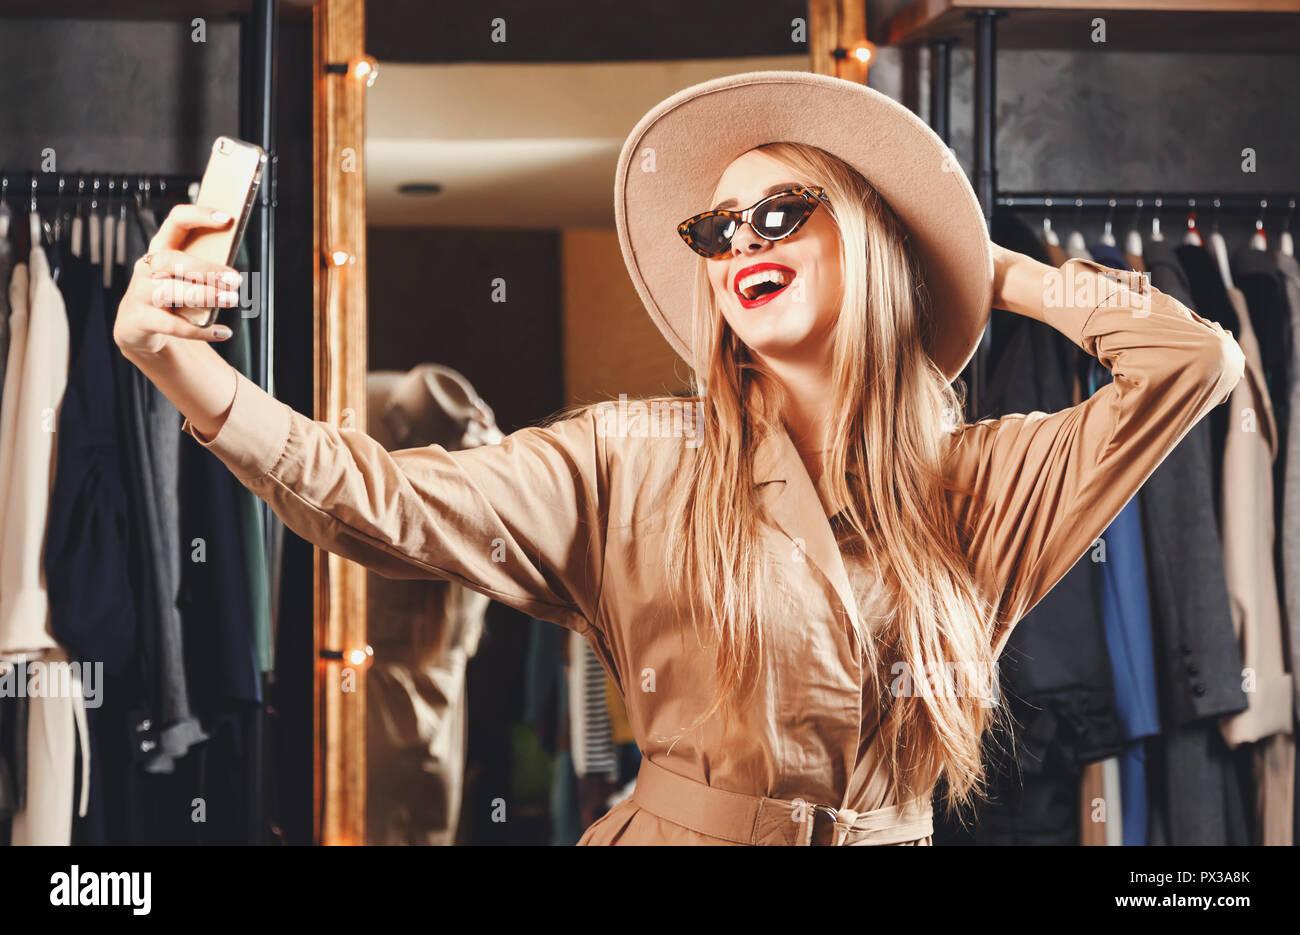 d3ab36605493 Hermosa rubia shopaholic Mujer con gafas de sol y sombrero de moda hacer  selfie en Fashion ...